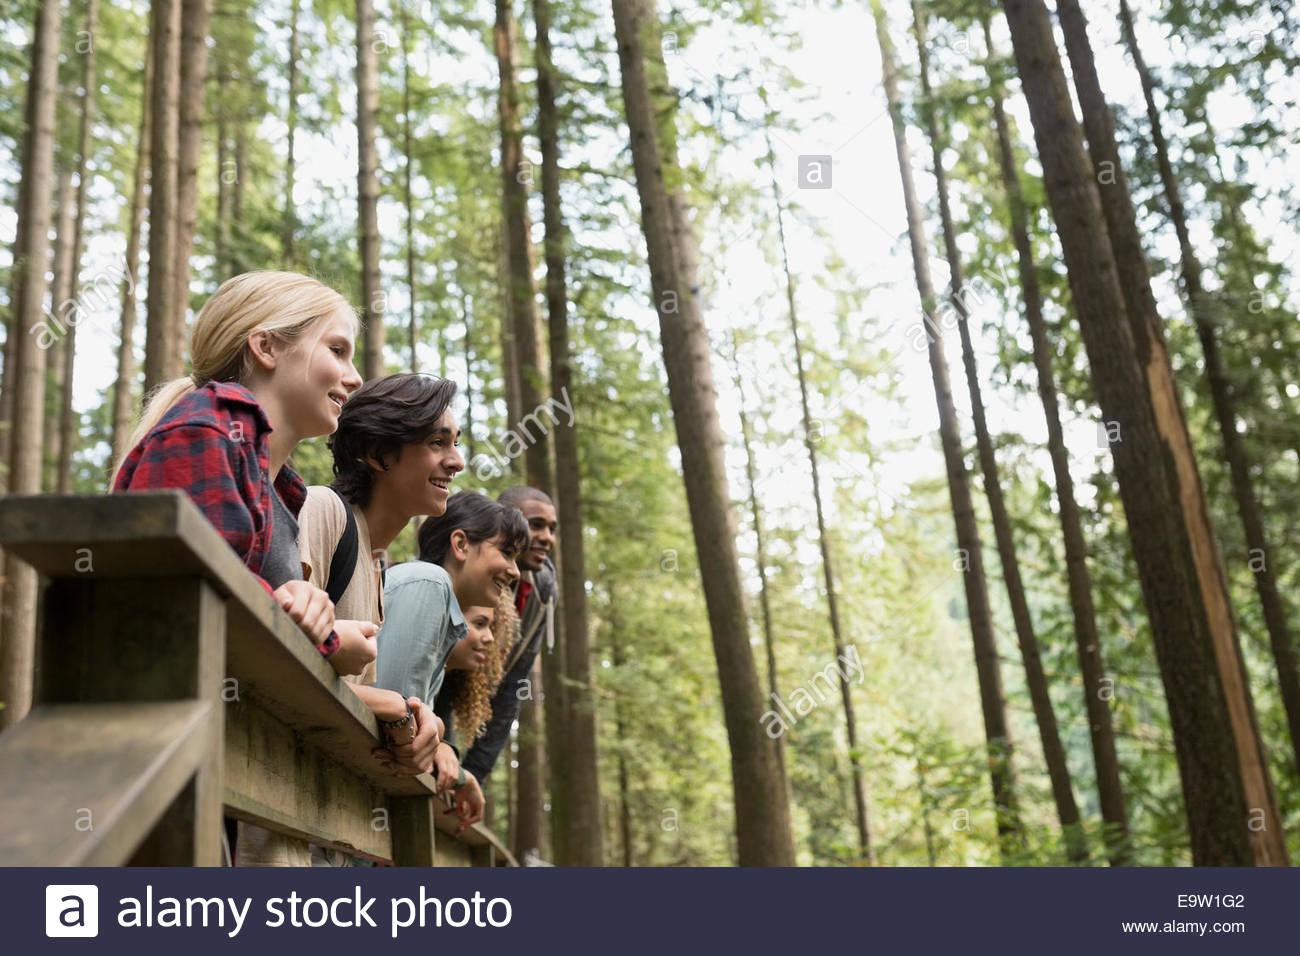 Amici in una fila su passerella in legno Immagini Stock